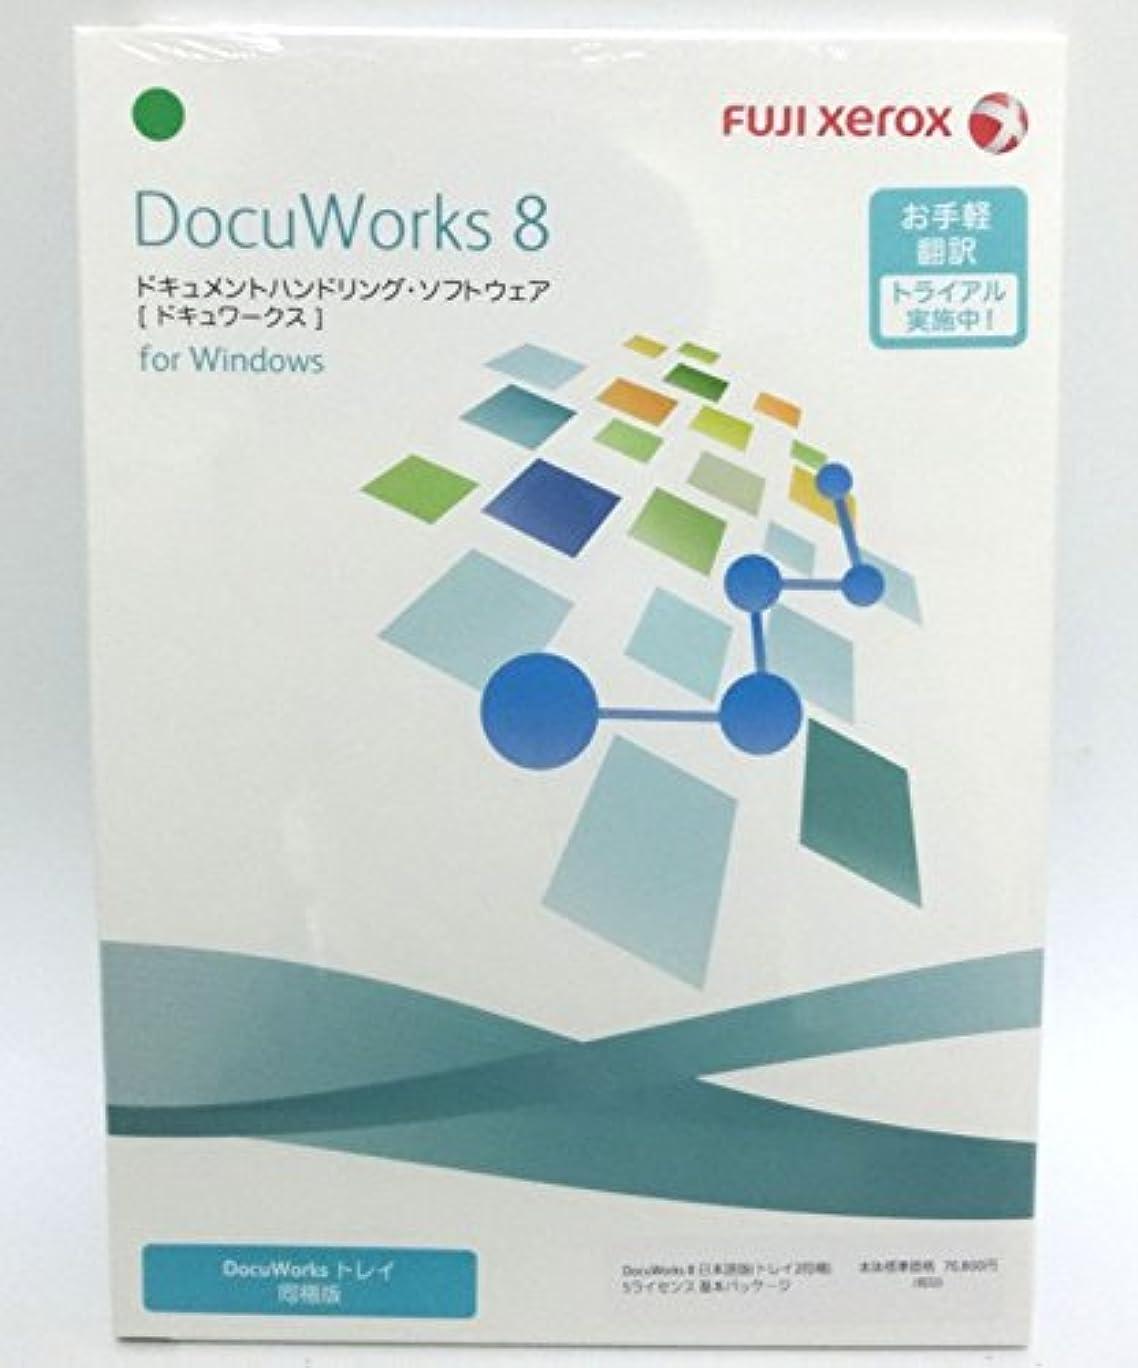 ホーム値アパート富士ゼロックス DocuWorks8 日本語版(トレイ2同梱) 5ライセンス 基本パッケージ